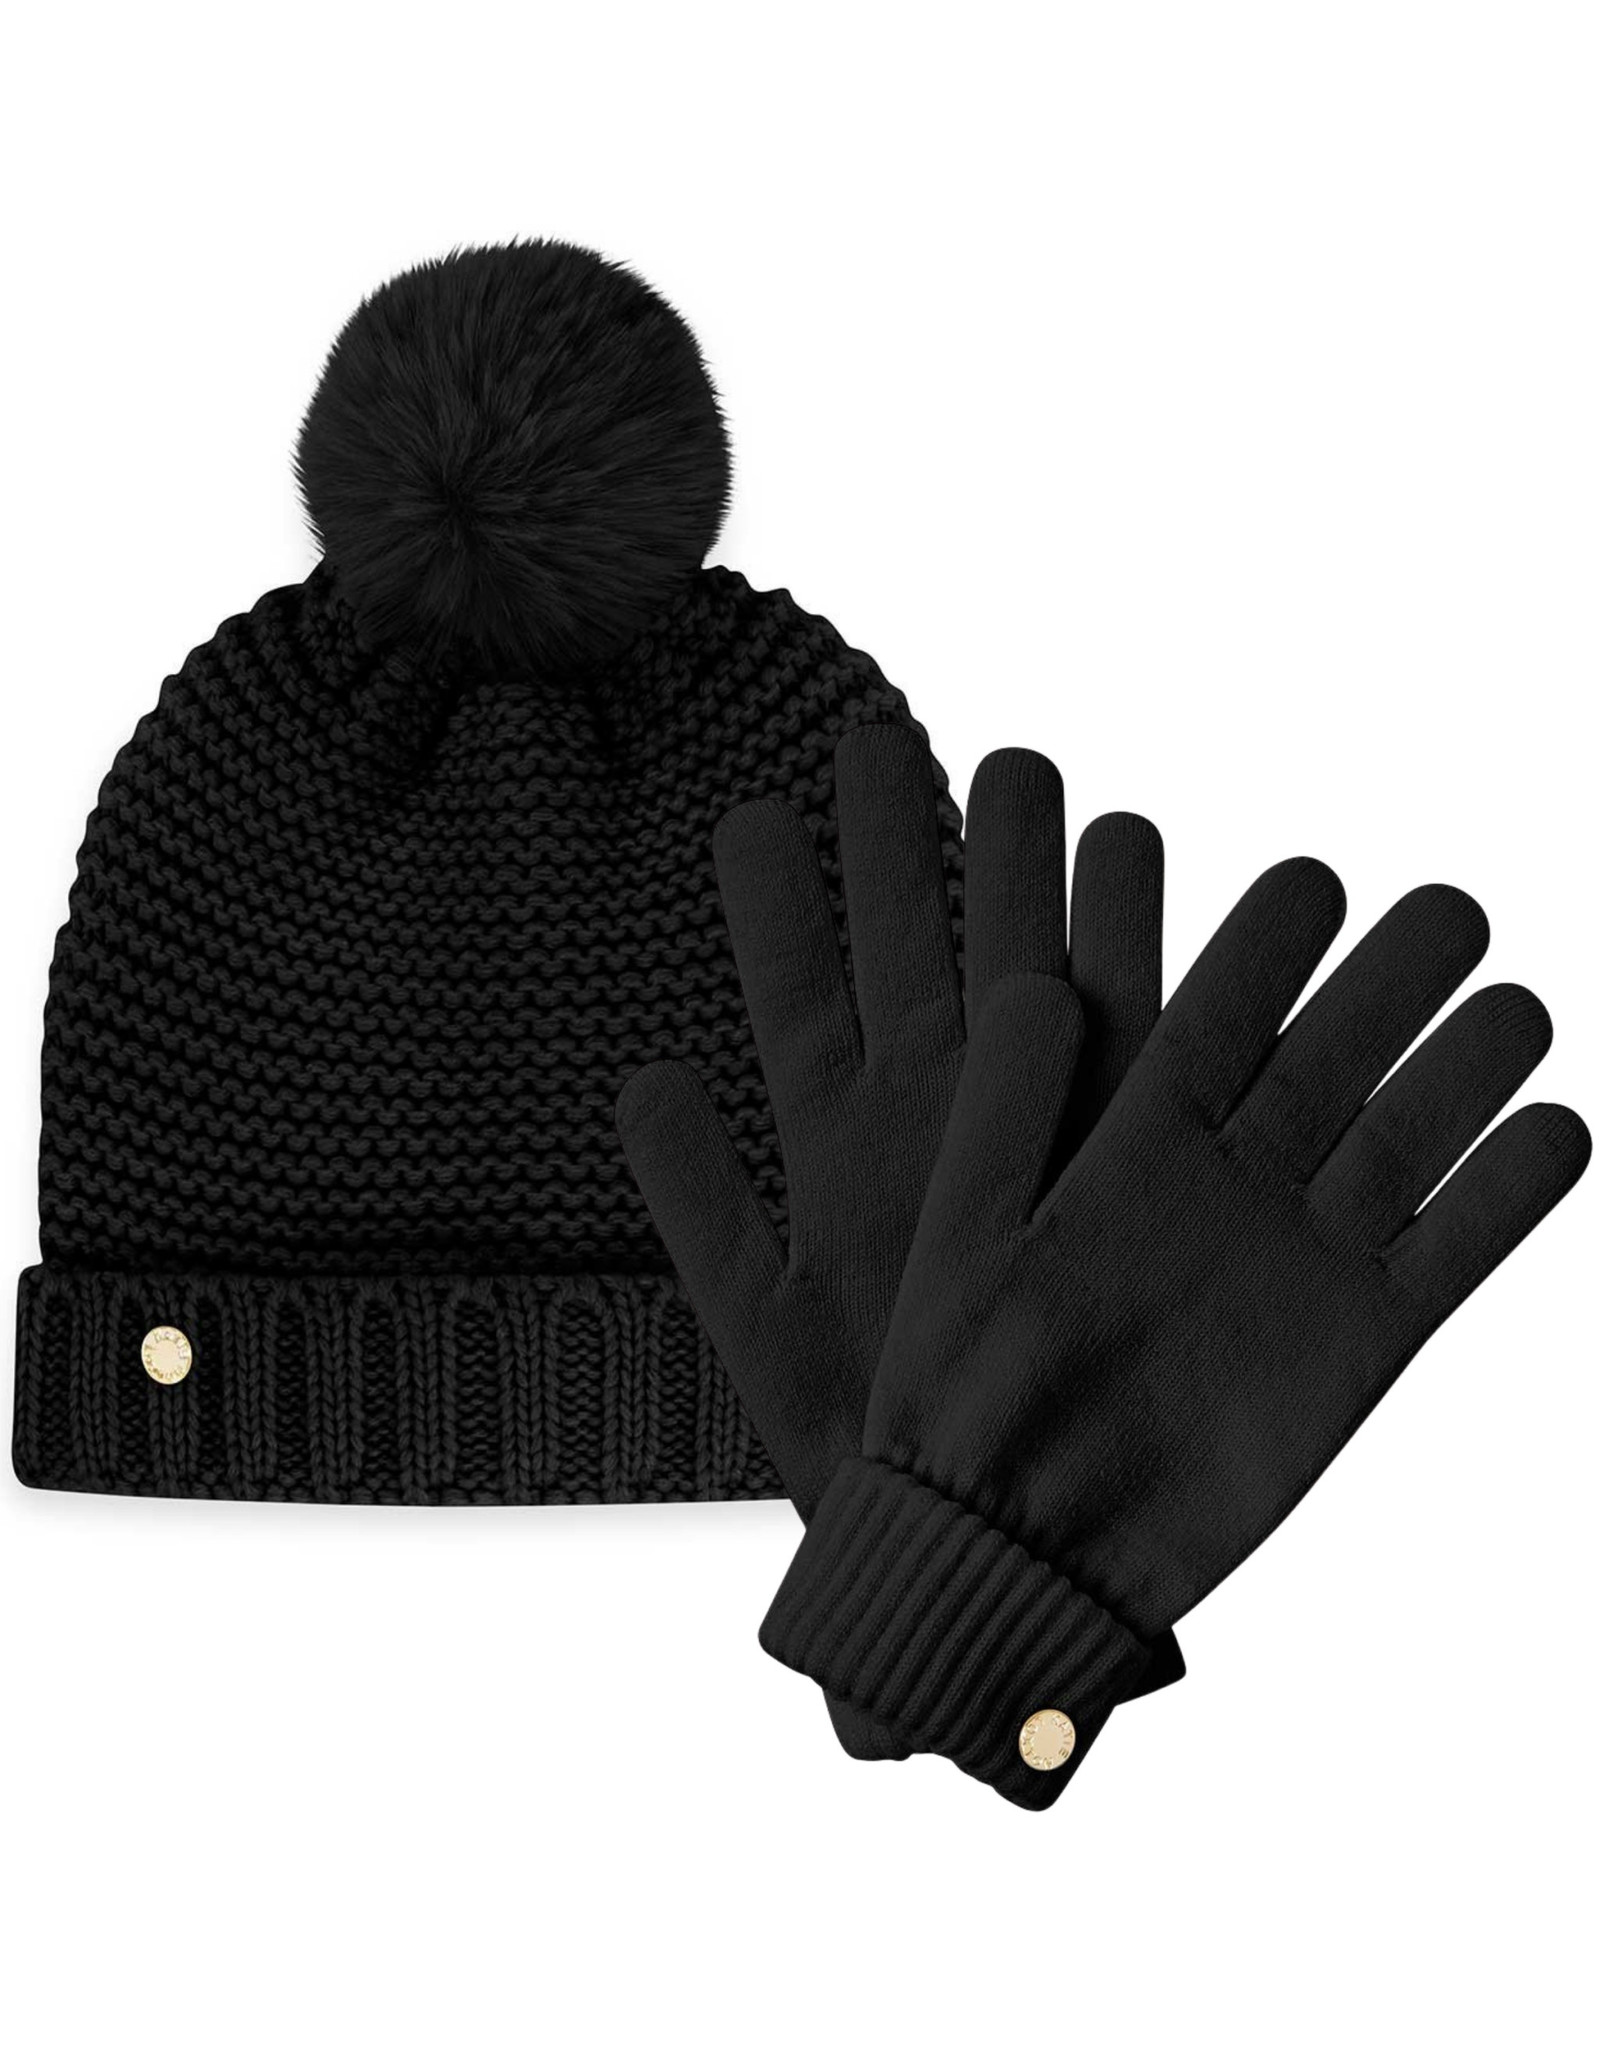 Katie Loxton Muts & Handschoenen - Chunky Knit - Zwart